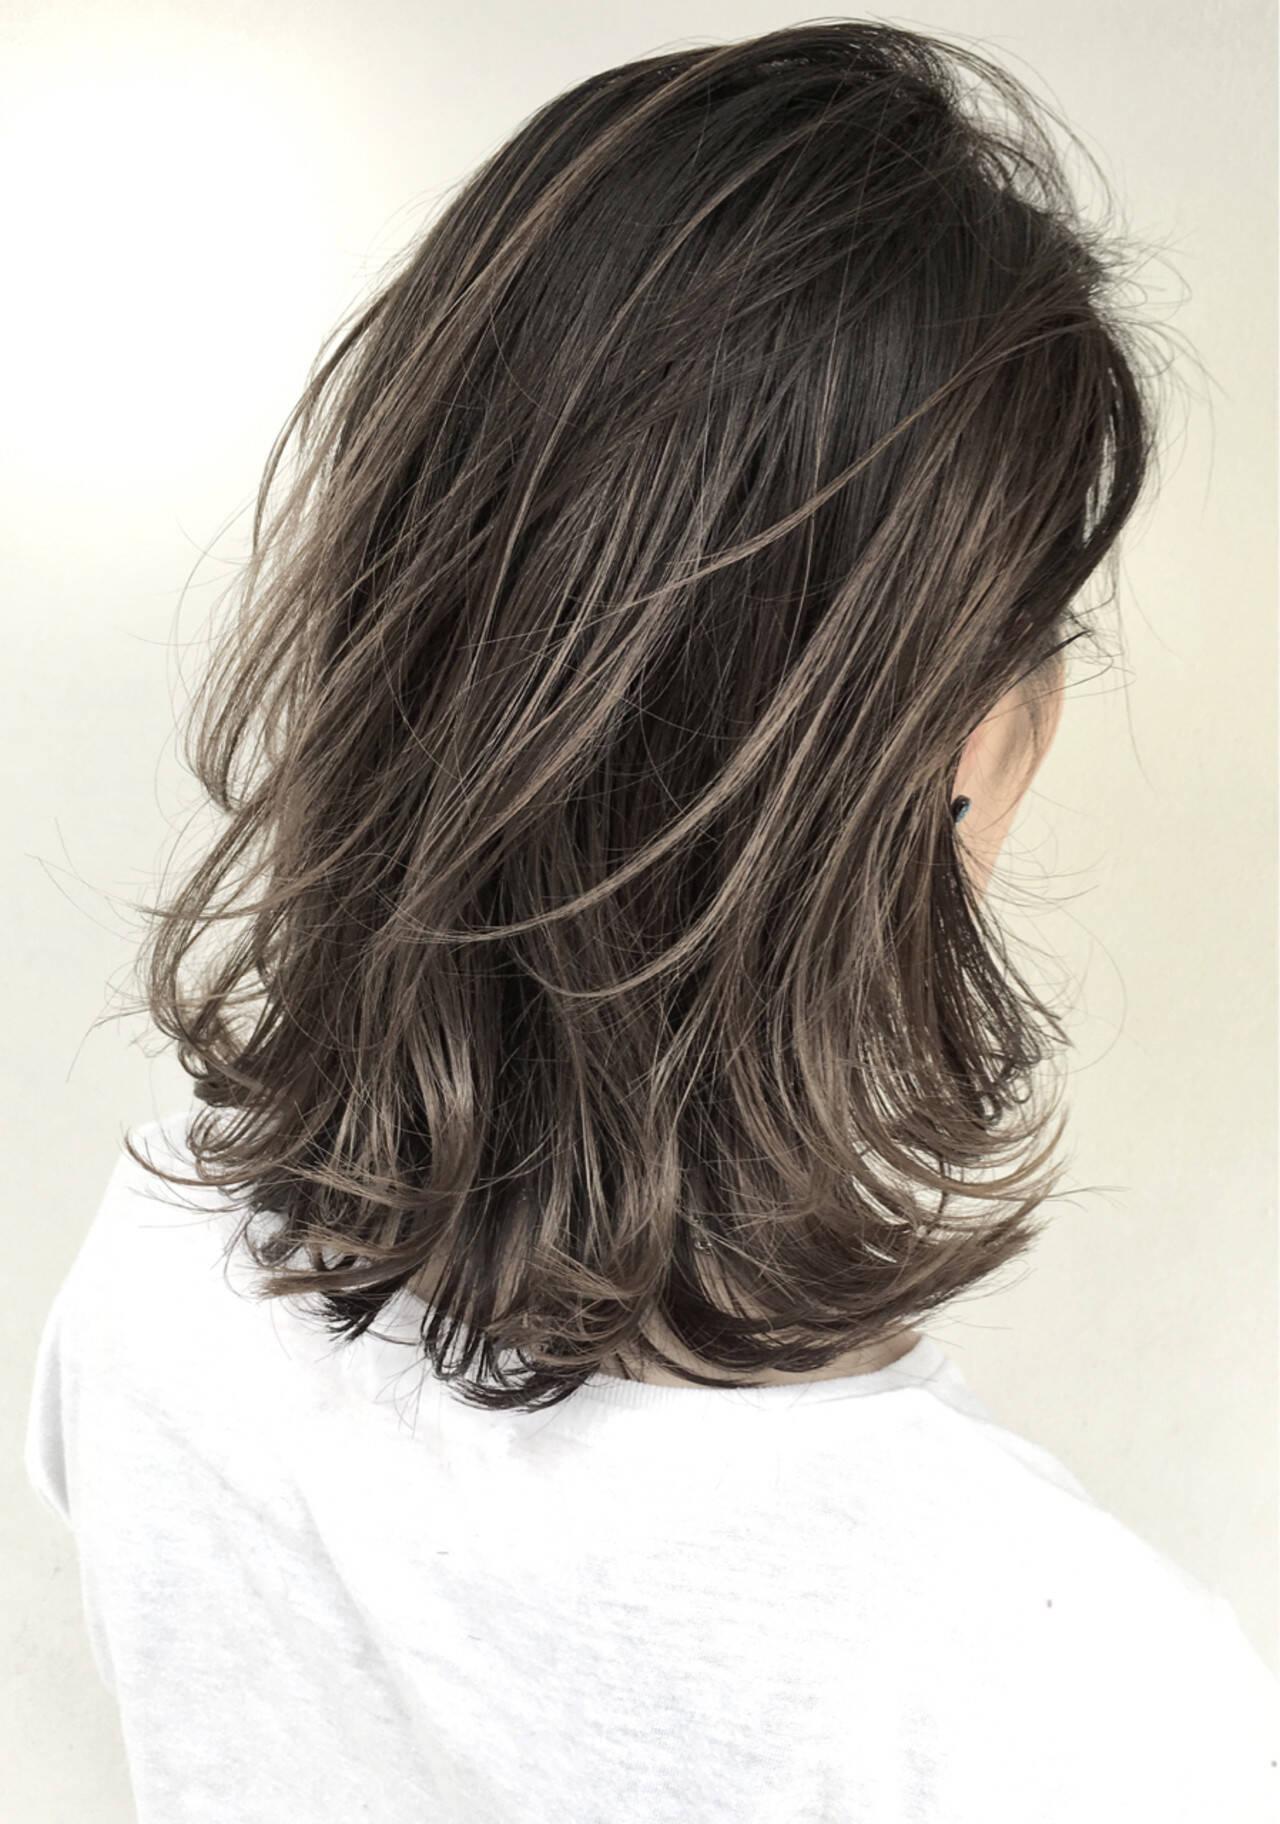 外国人風 ミディアム グレージュ ハイライトヘアスタイルや髪型の写真・画像